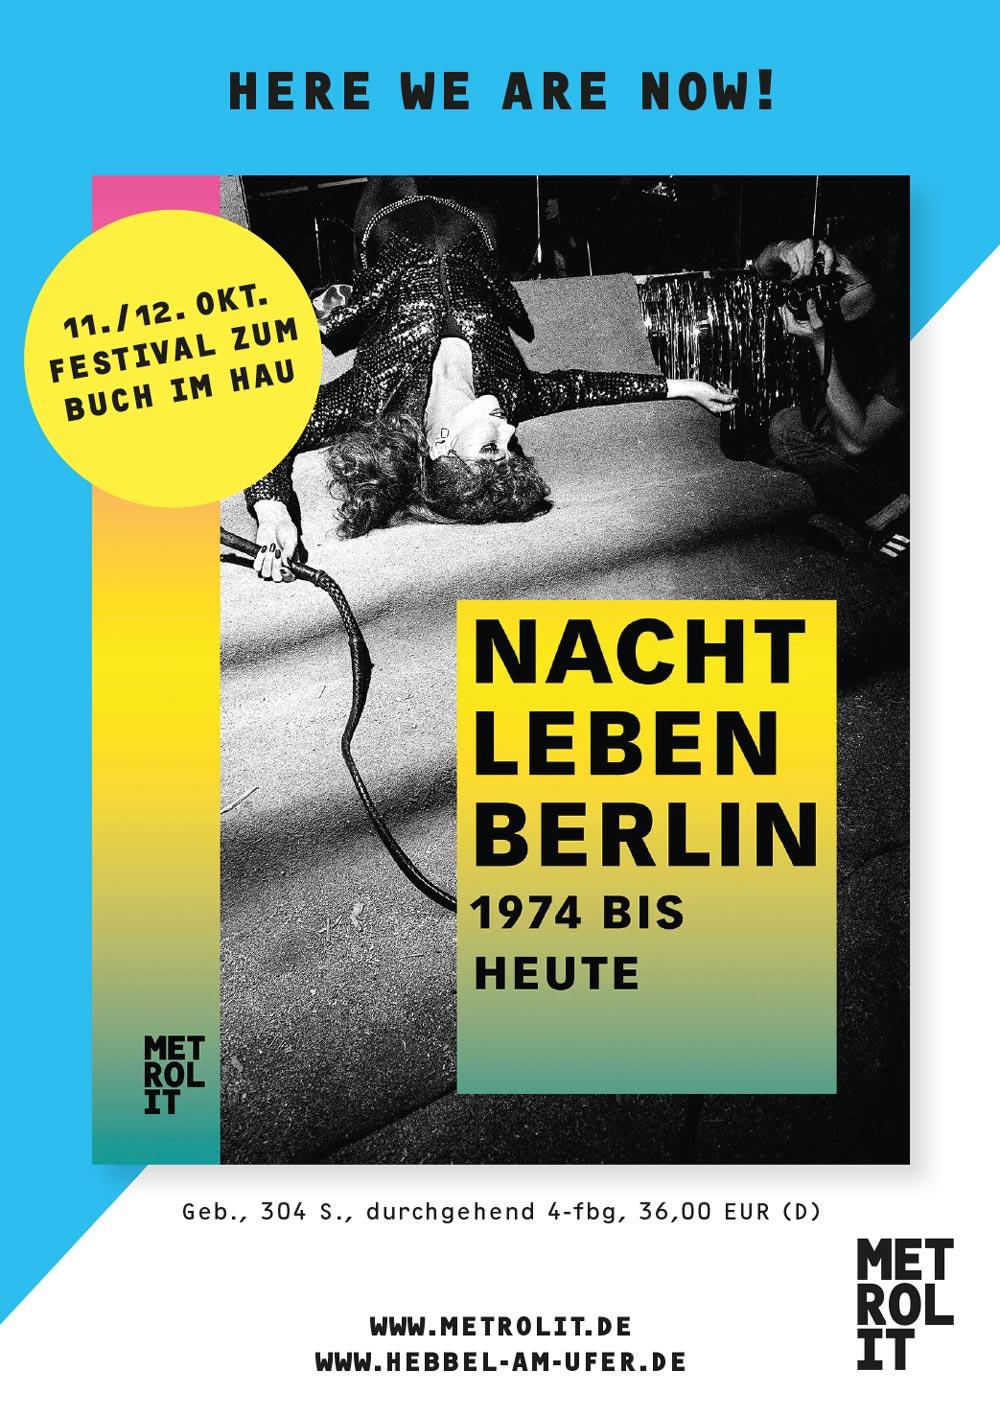 Editienne Grafikdesign - Kommunikationsdesign Berlin- Editorial Design Buchvorschaugestaltung Metrolit Magazin 24